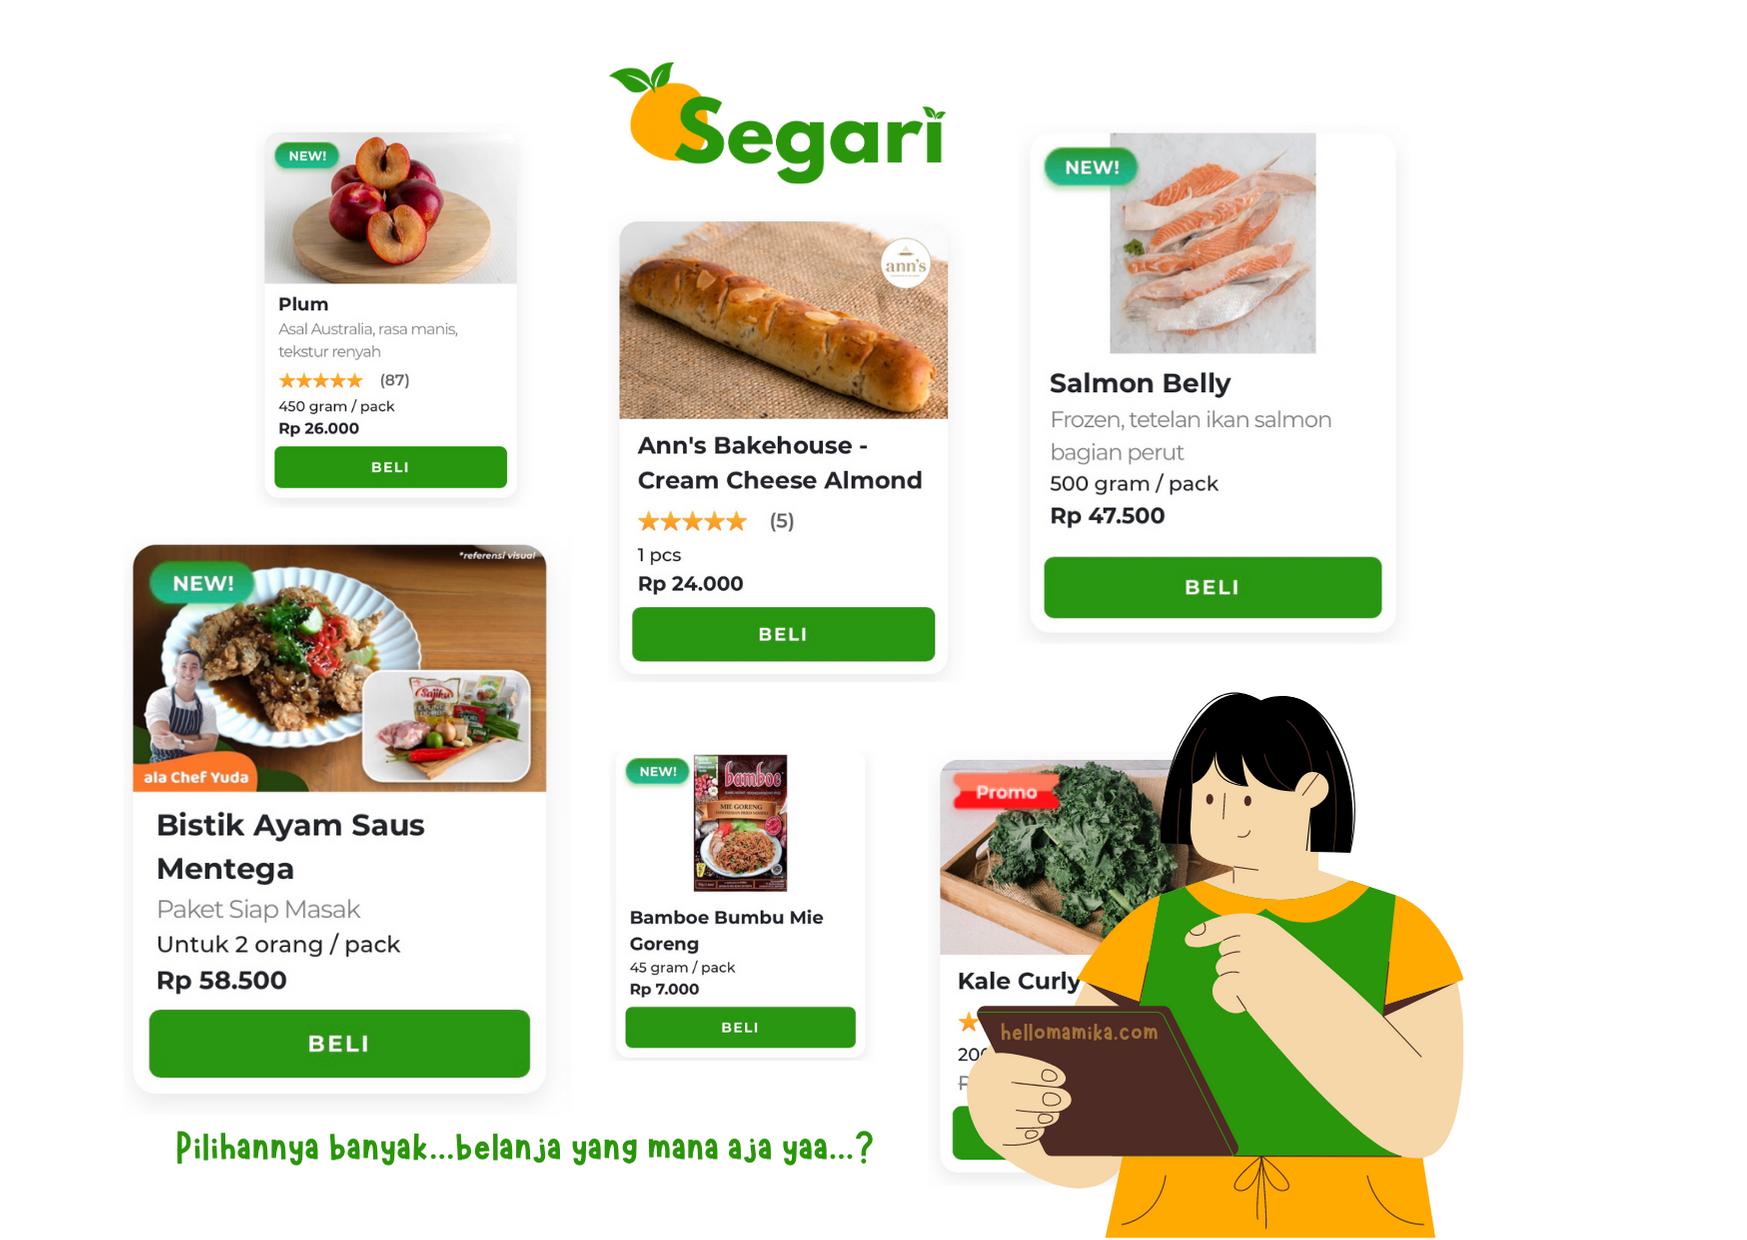 Review sayur online segari